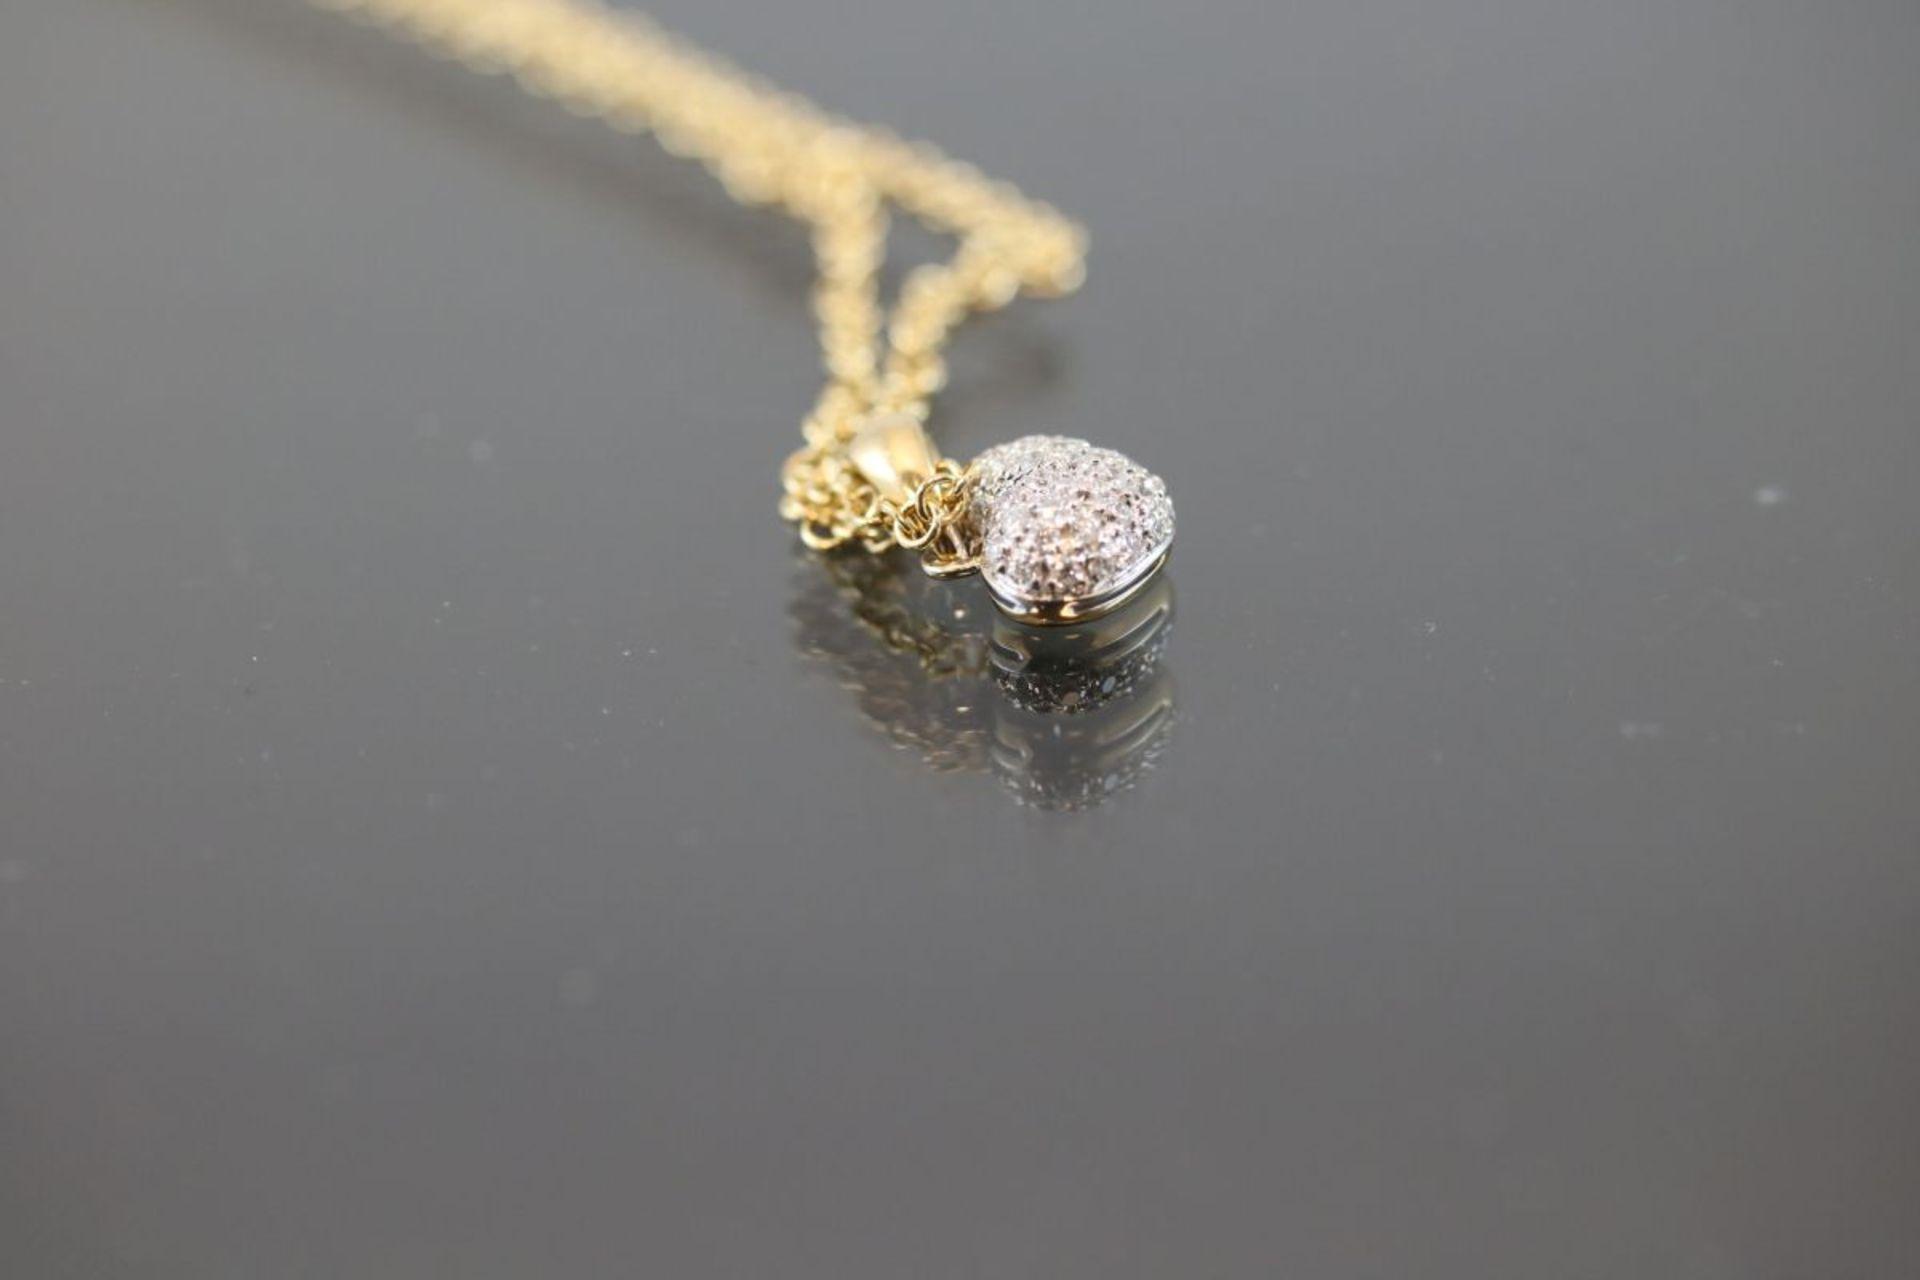 Brillant-Herzanhänger mit Kette, 750 Gold5,2 Gramm Länge: 42 cm Schätzpreis: 2400,-